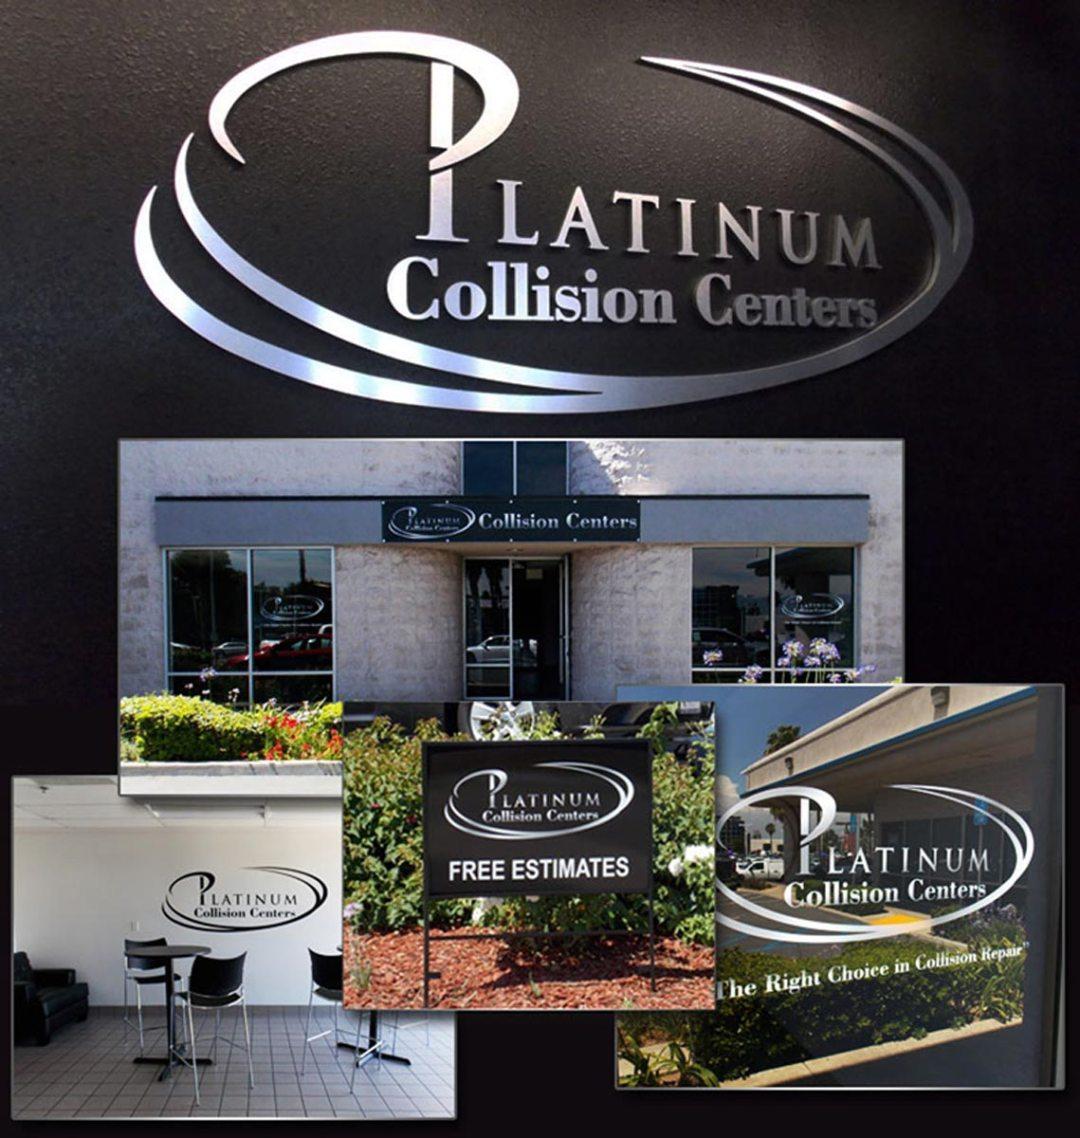 platinum-collision-centers